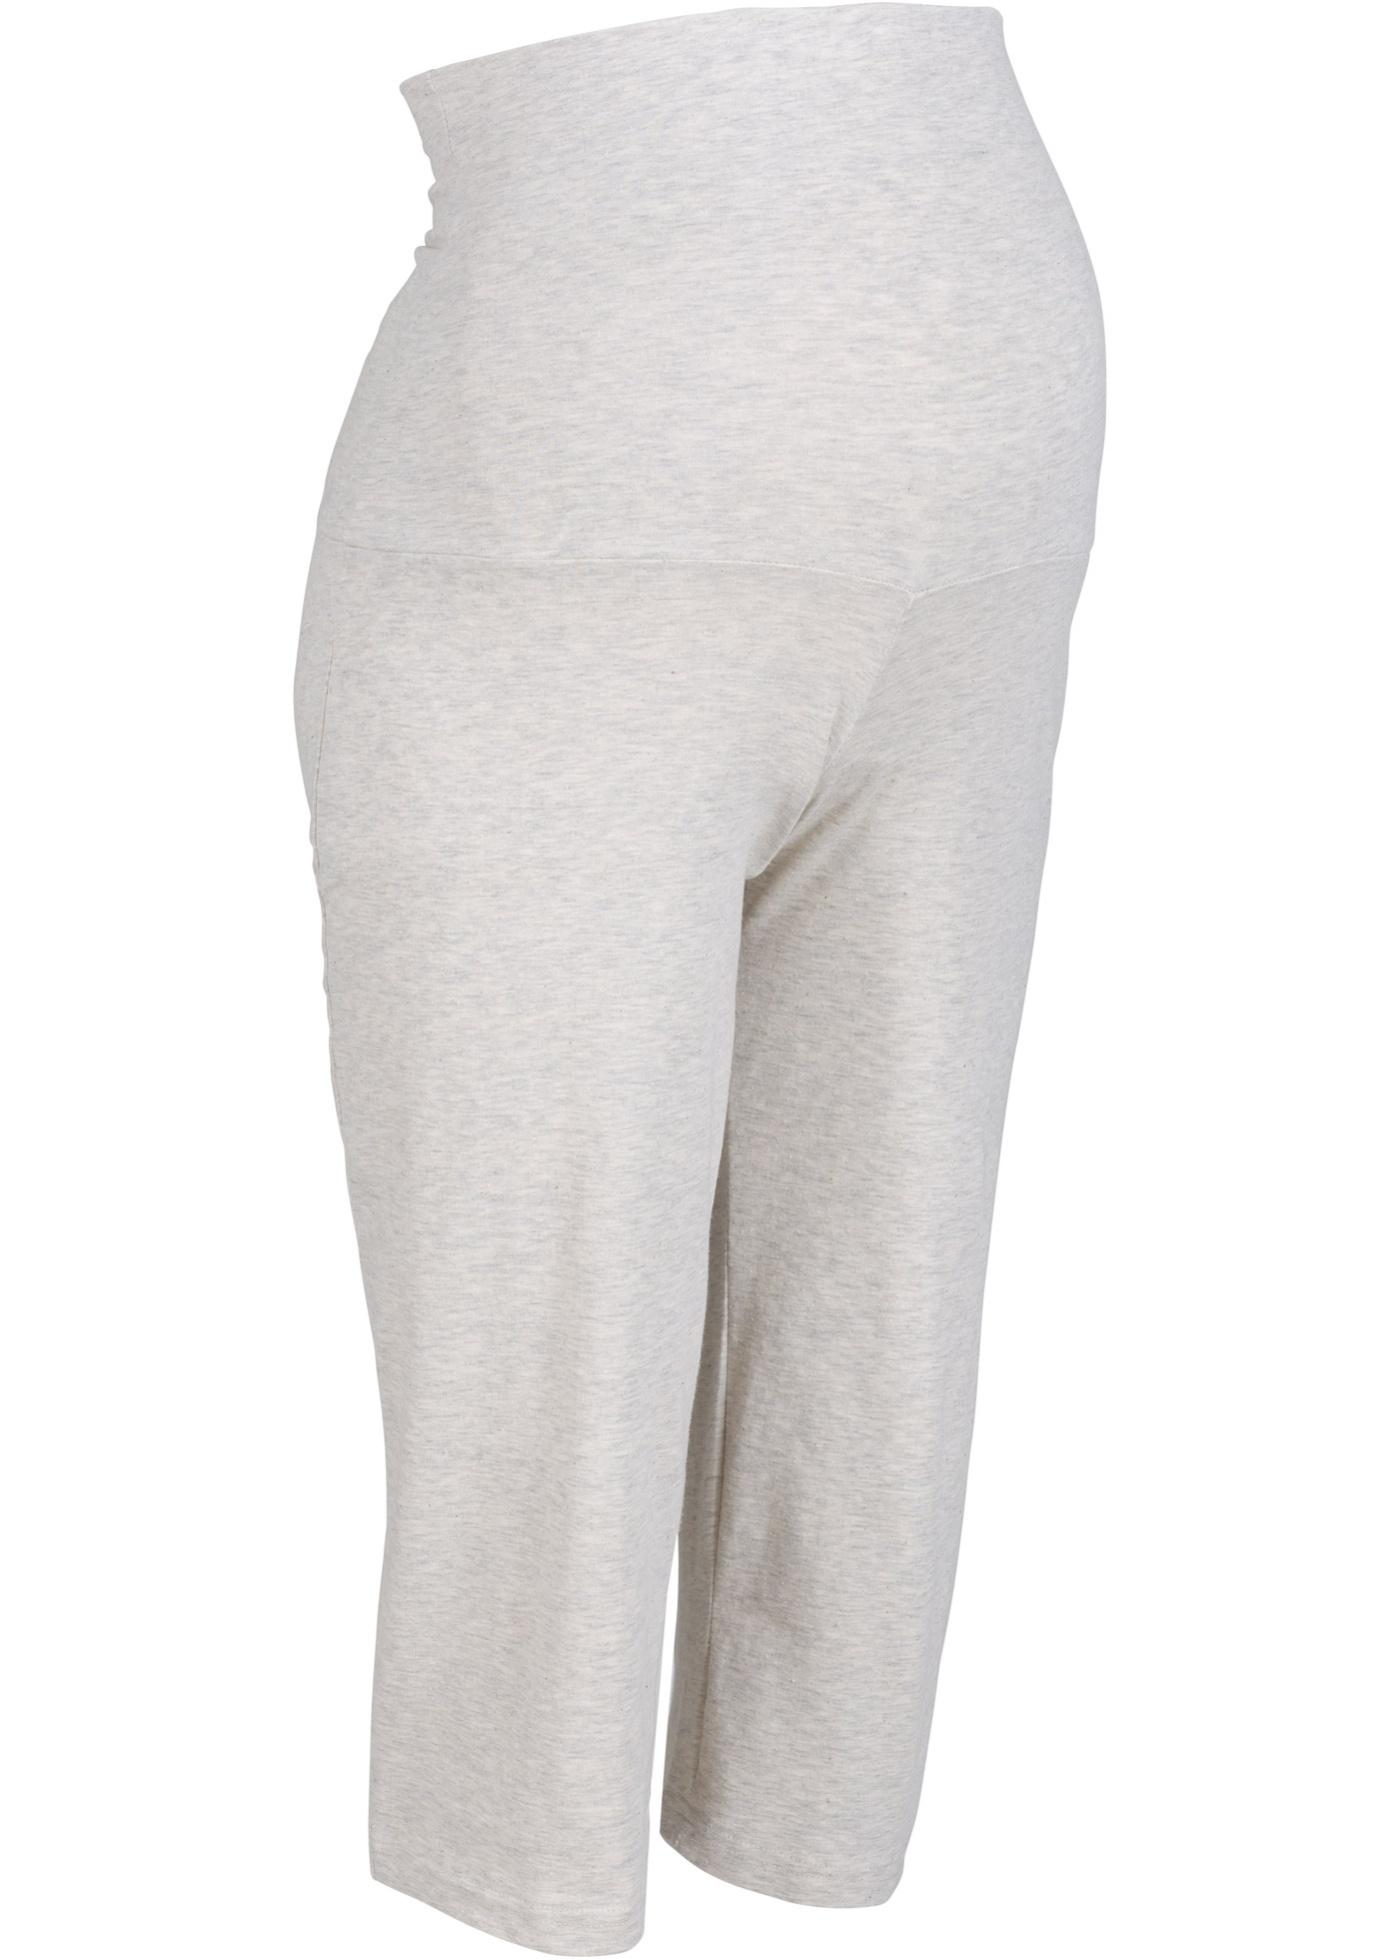 Pantalon corsaire couvrant le ventre